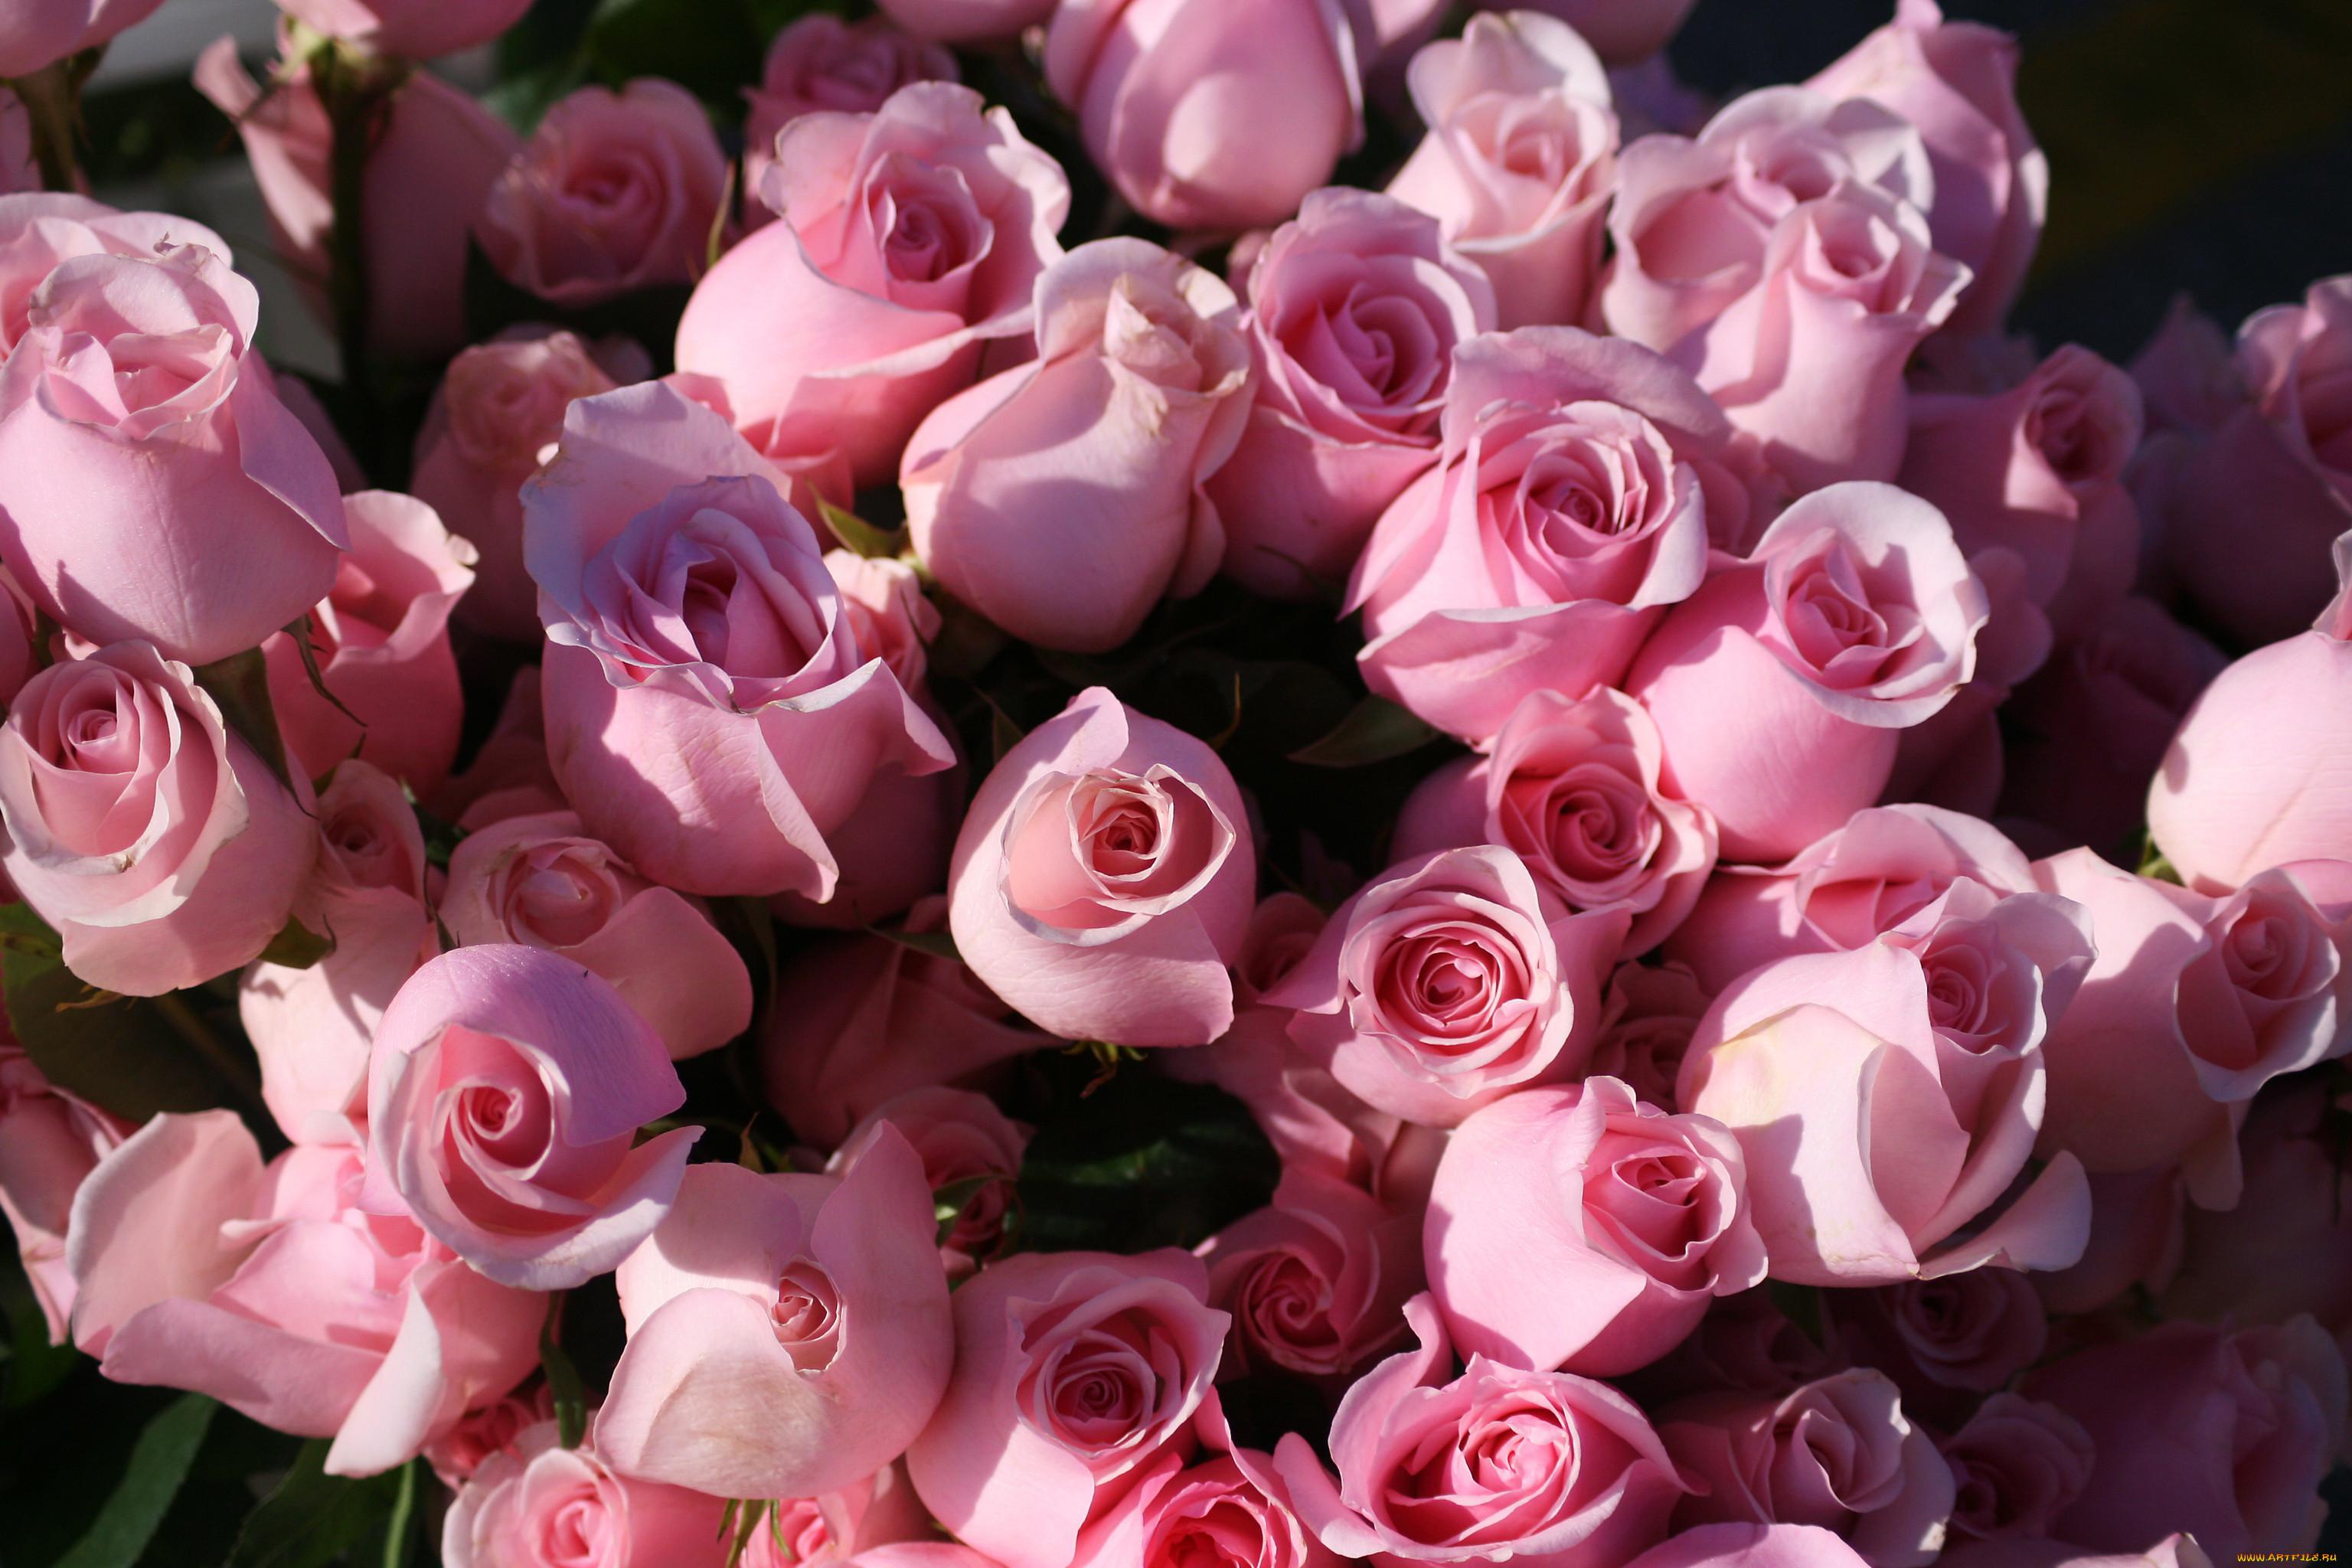 новые картинки букетов роз на телефон уже